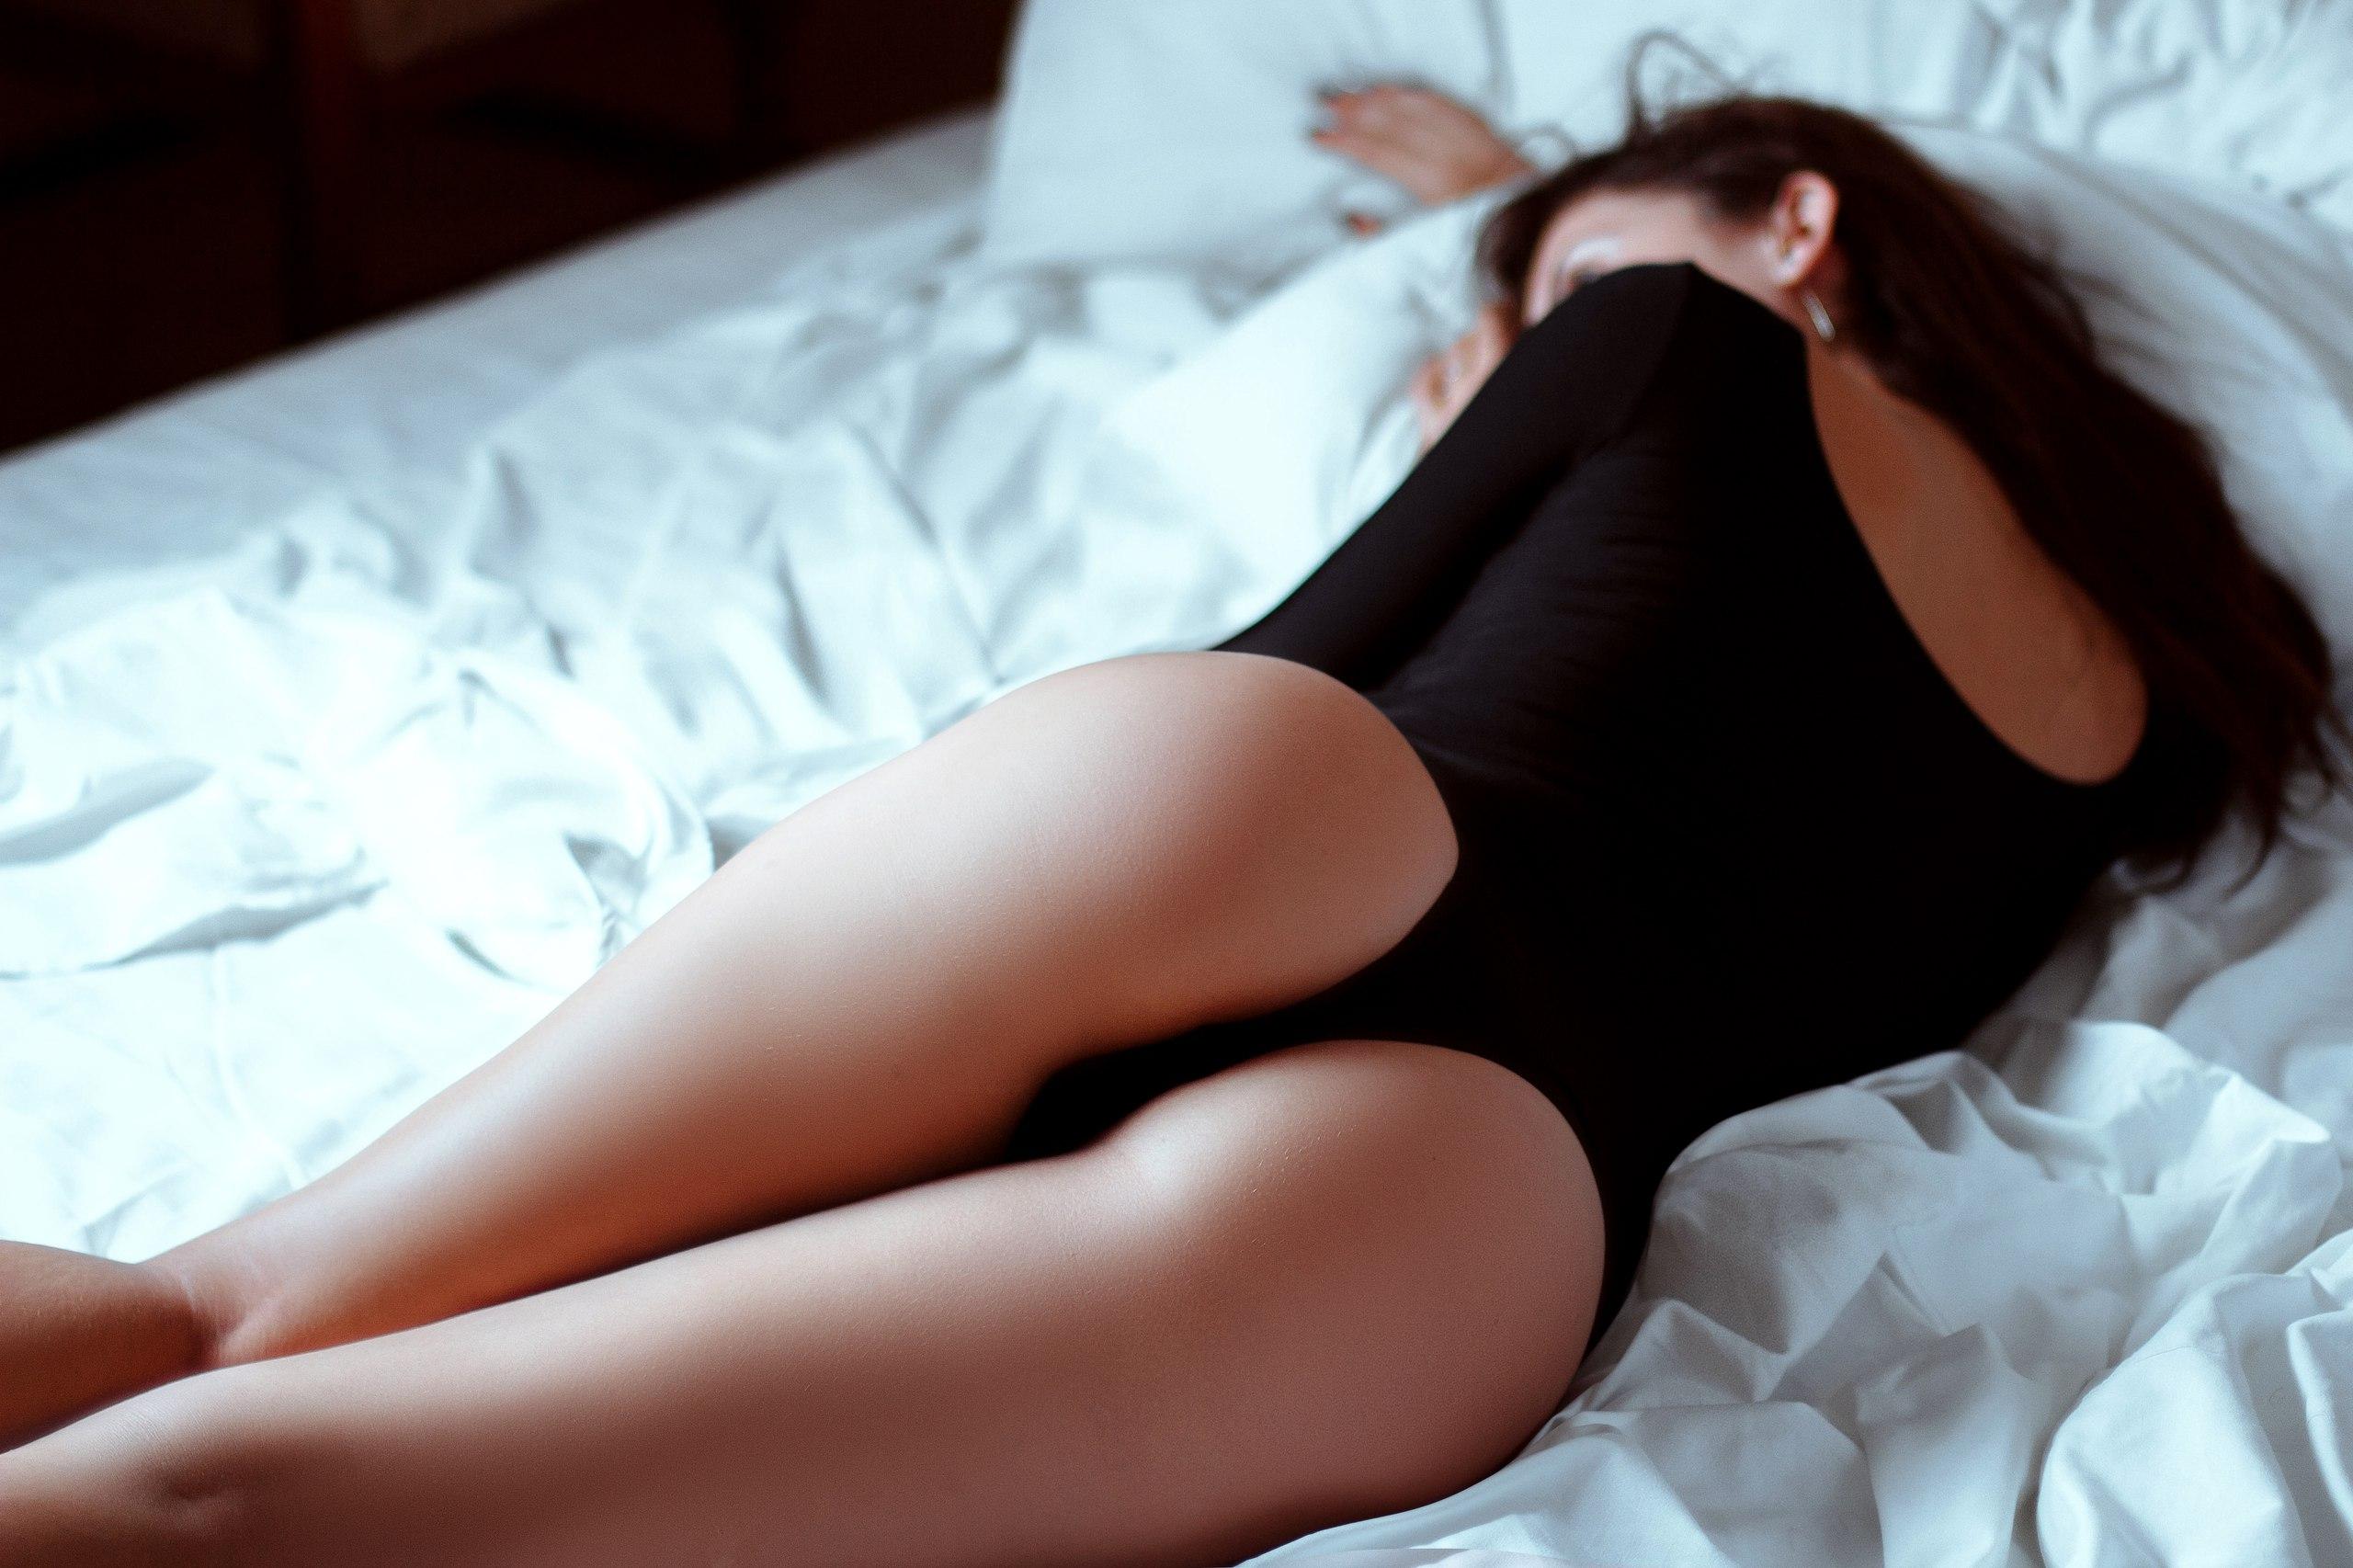 Порно видео онлайн стройные блондинки периода сентября